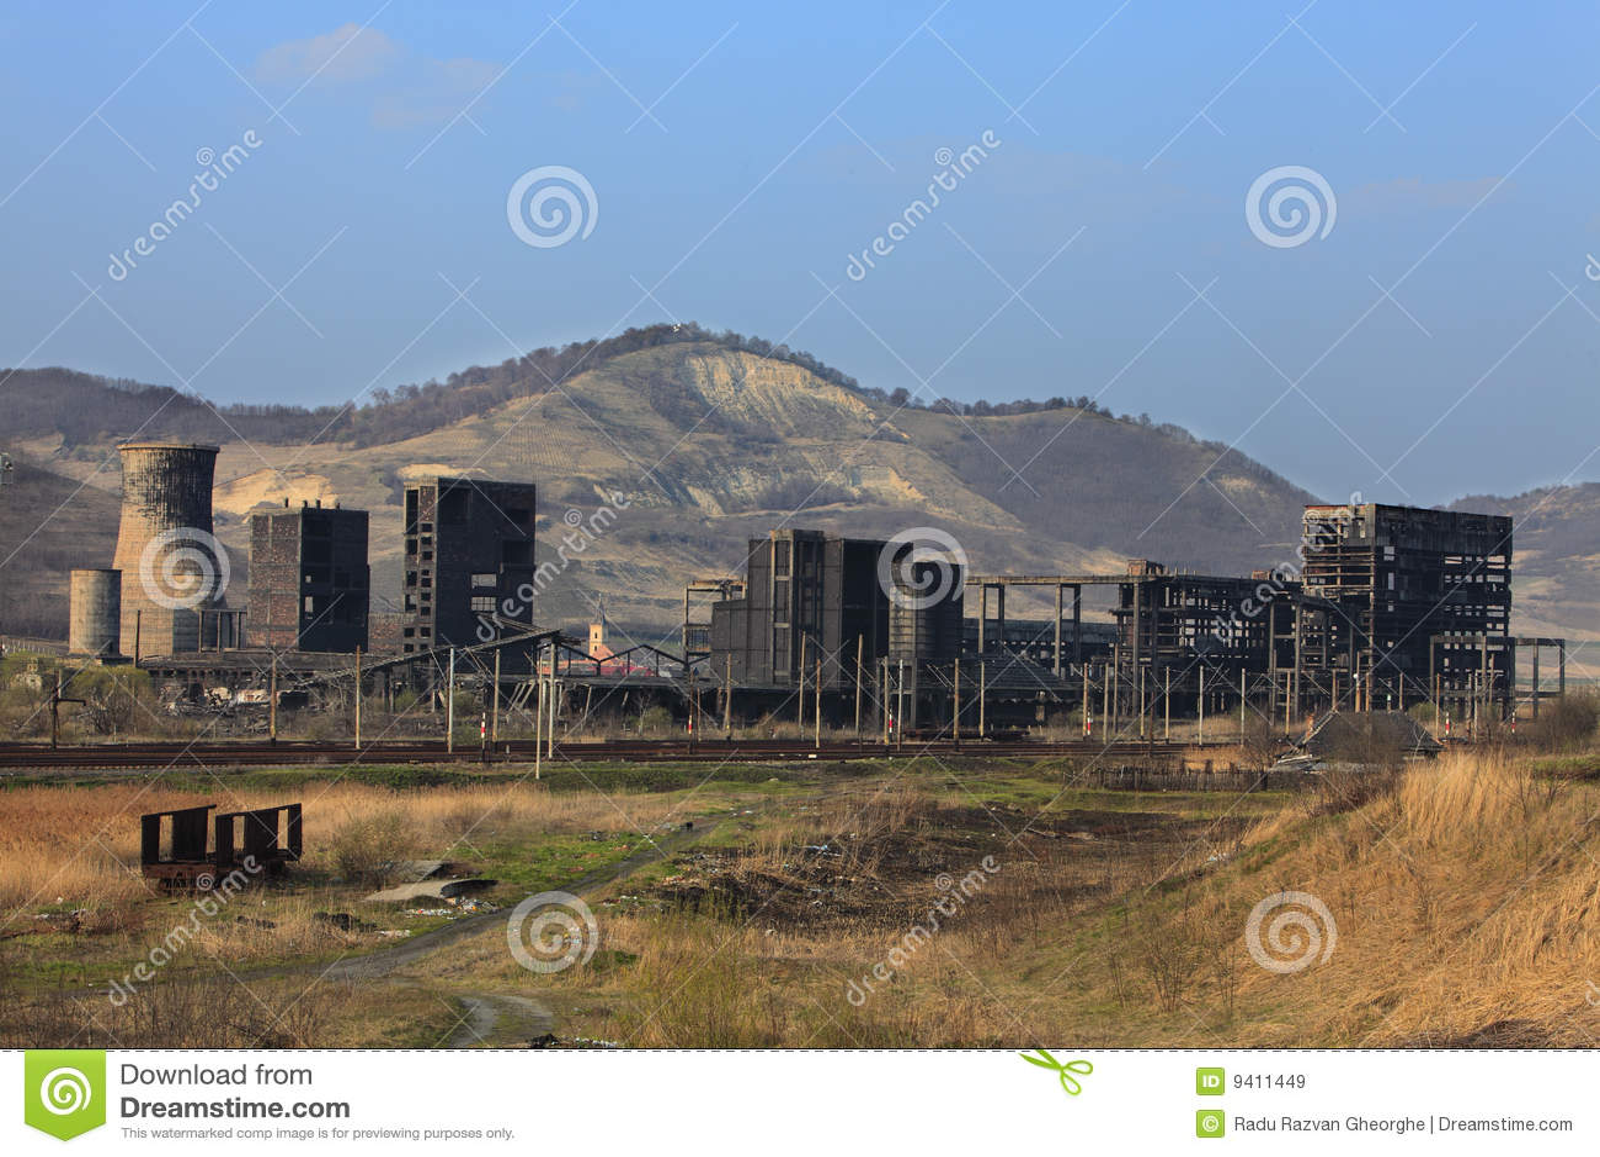 De ruïnes van de zware industrie